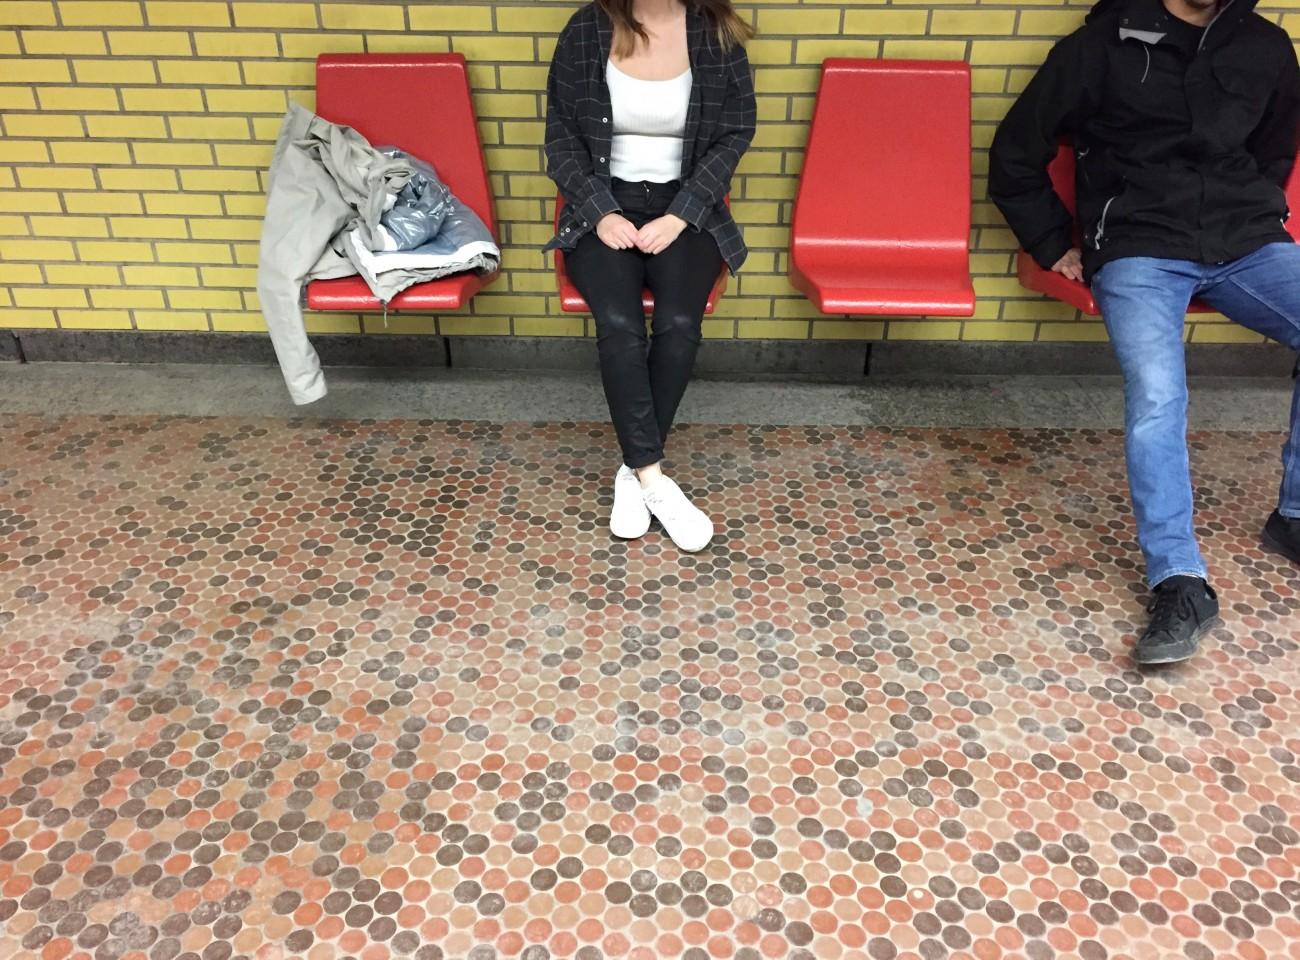 Steve Giasson. Performance invisible n° 10 (Commettre une maladresse volontairement). Performeuse : Florence L'Abbé. Crédit photographique : Adriana Thomas GomezJ. 11 mars 2017.